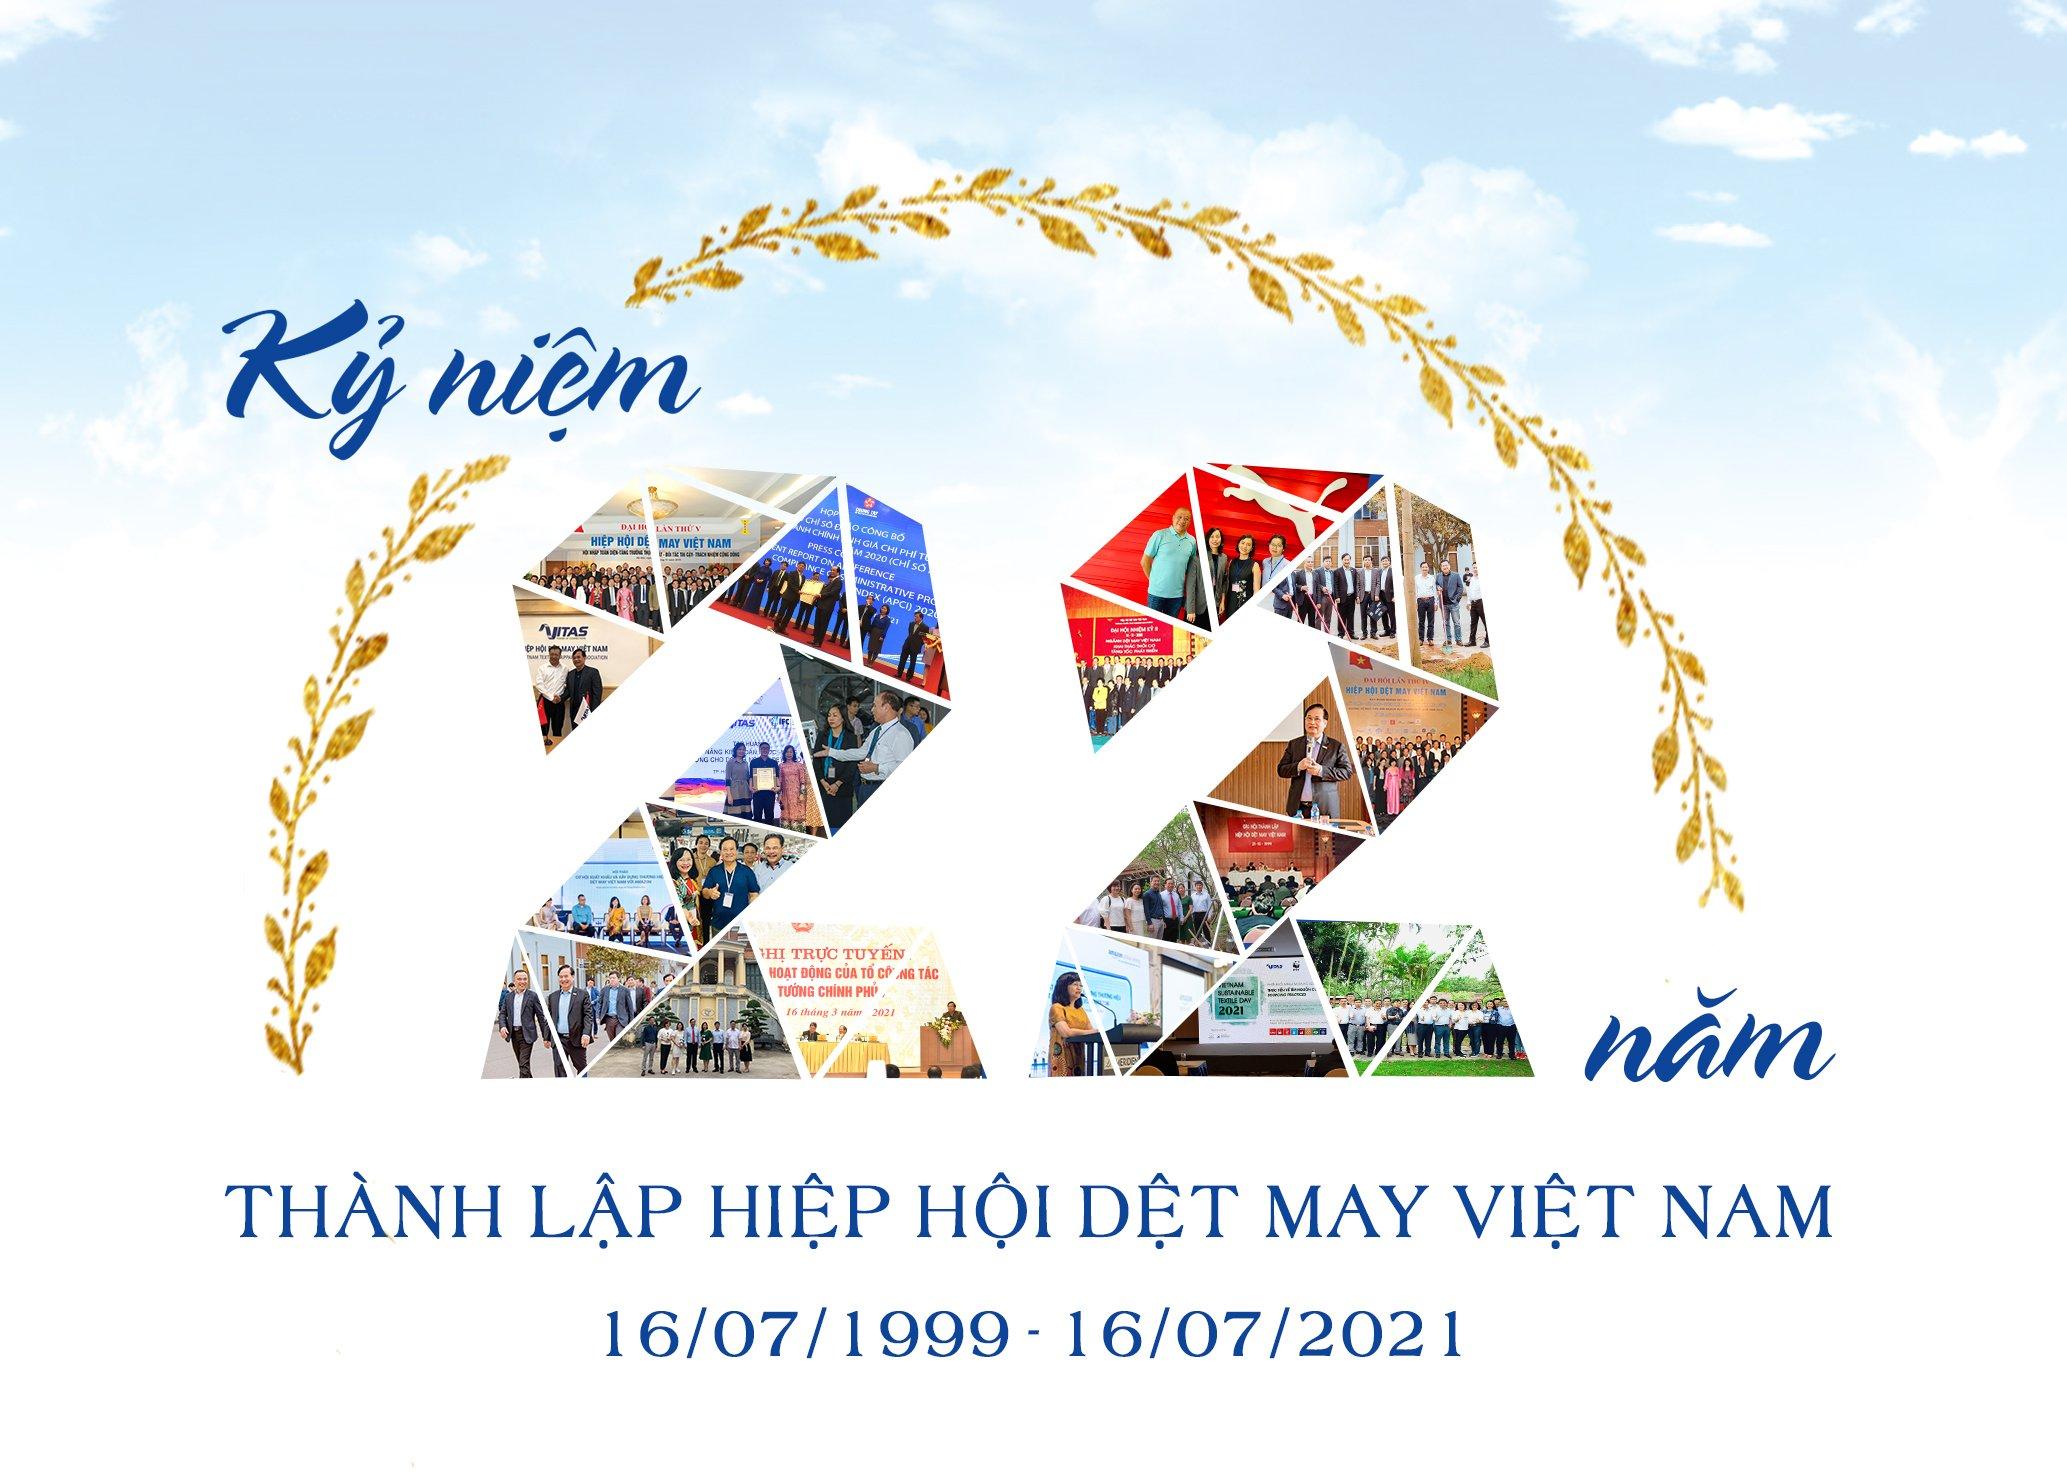 Chúc mừng VITAS tuổi 22 thành công và phát triển!